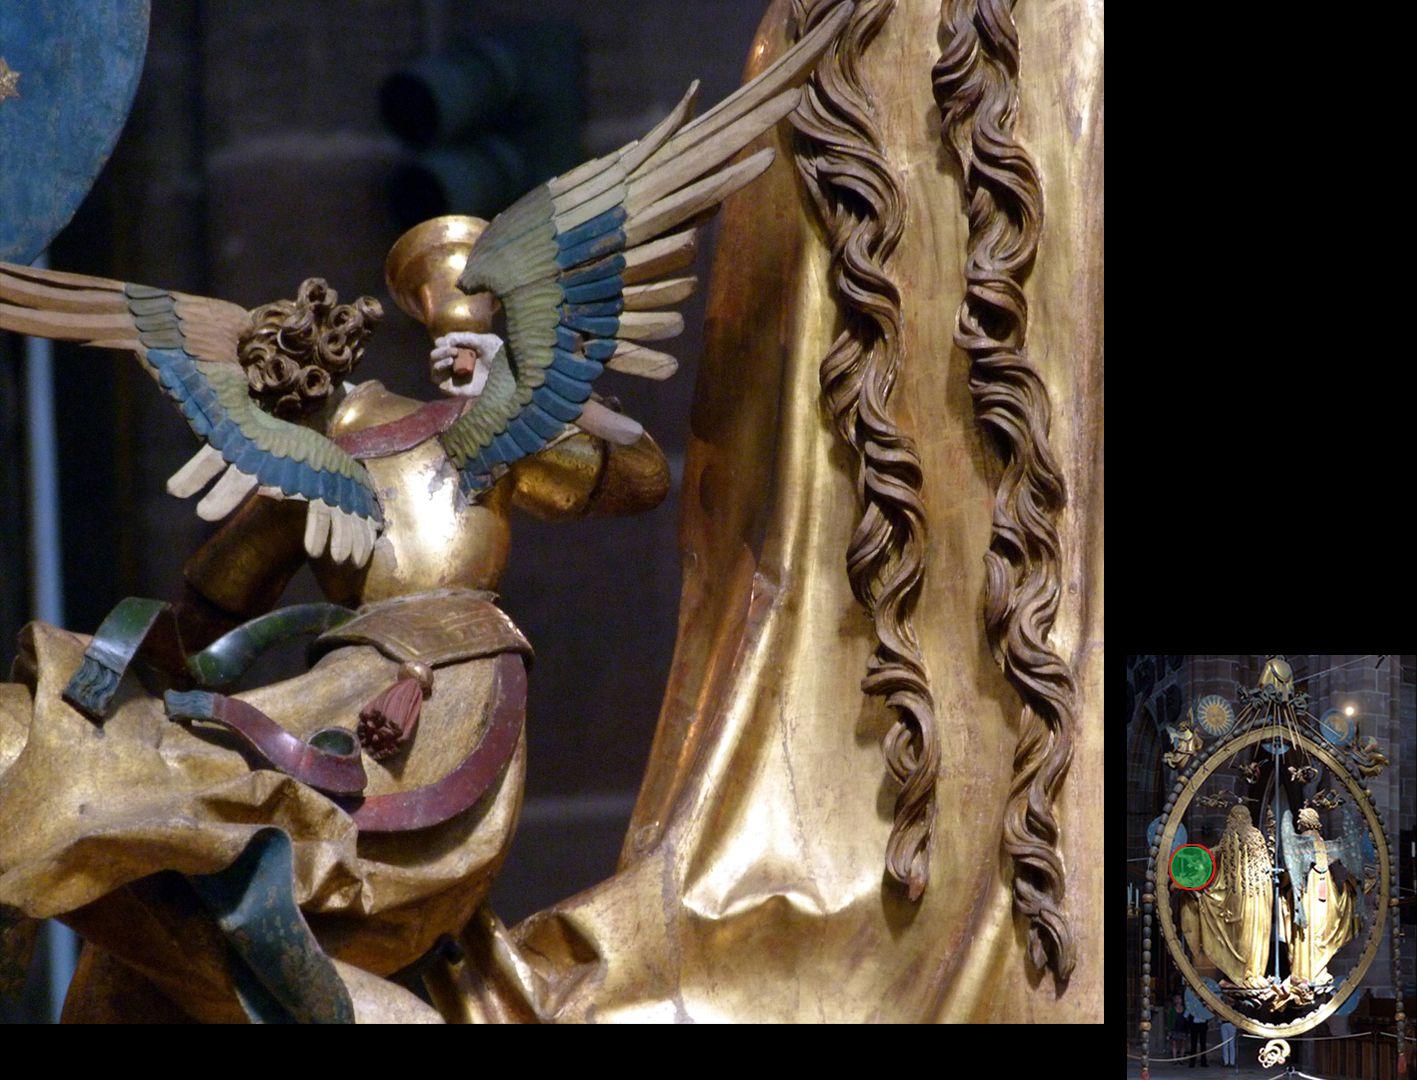 Englischer Gruß Engel mit Handglocke von hinten (unten rechts Detaillokalisierung)